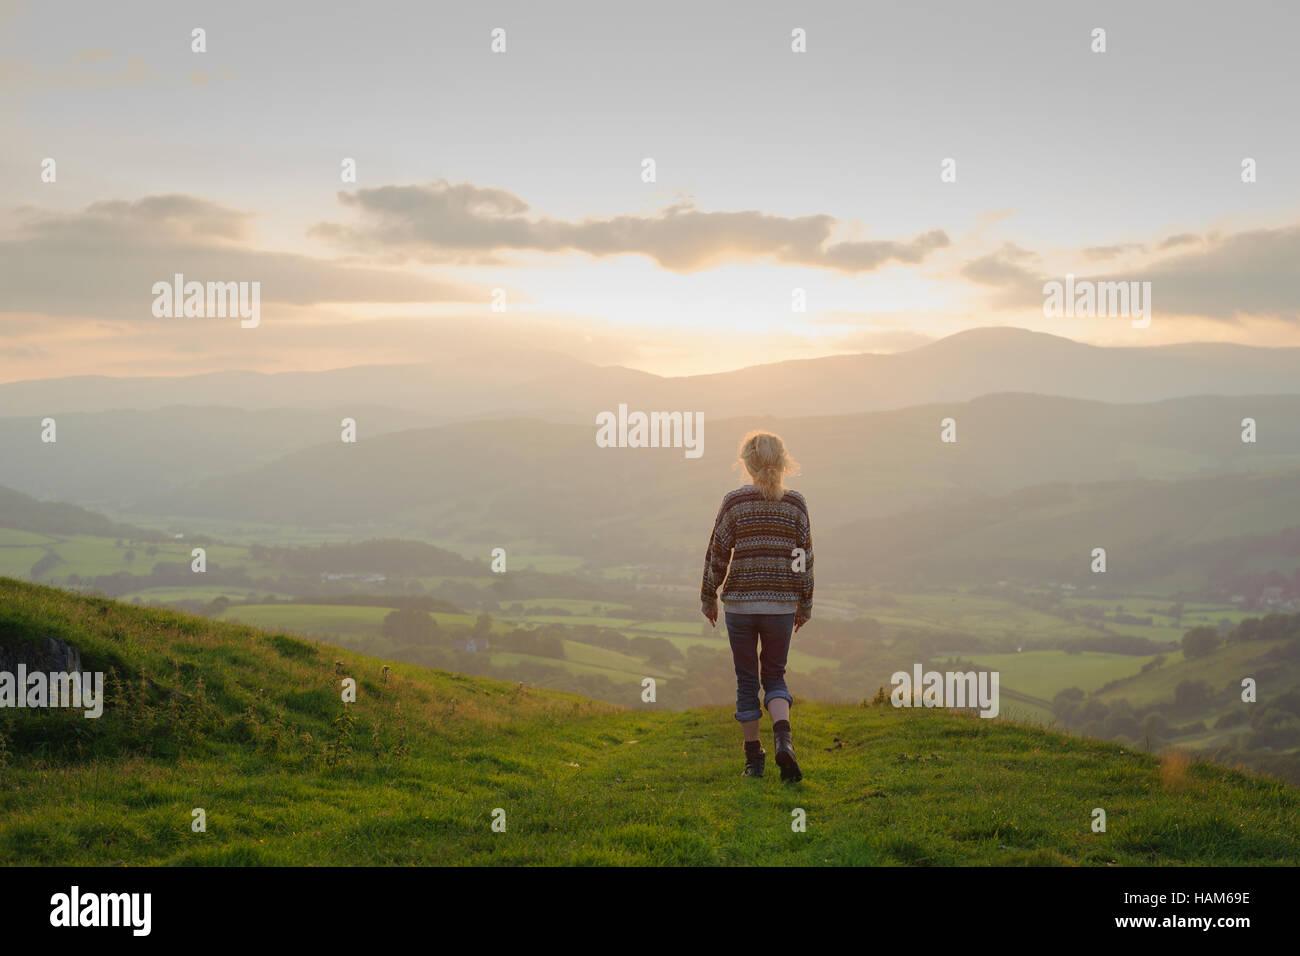 Una donna che cammina verso una valle nella campagna Immagini Stock